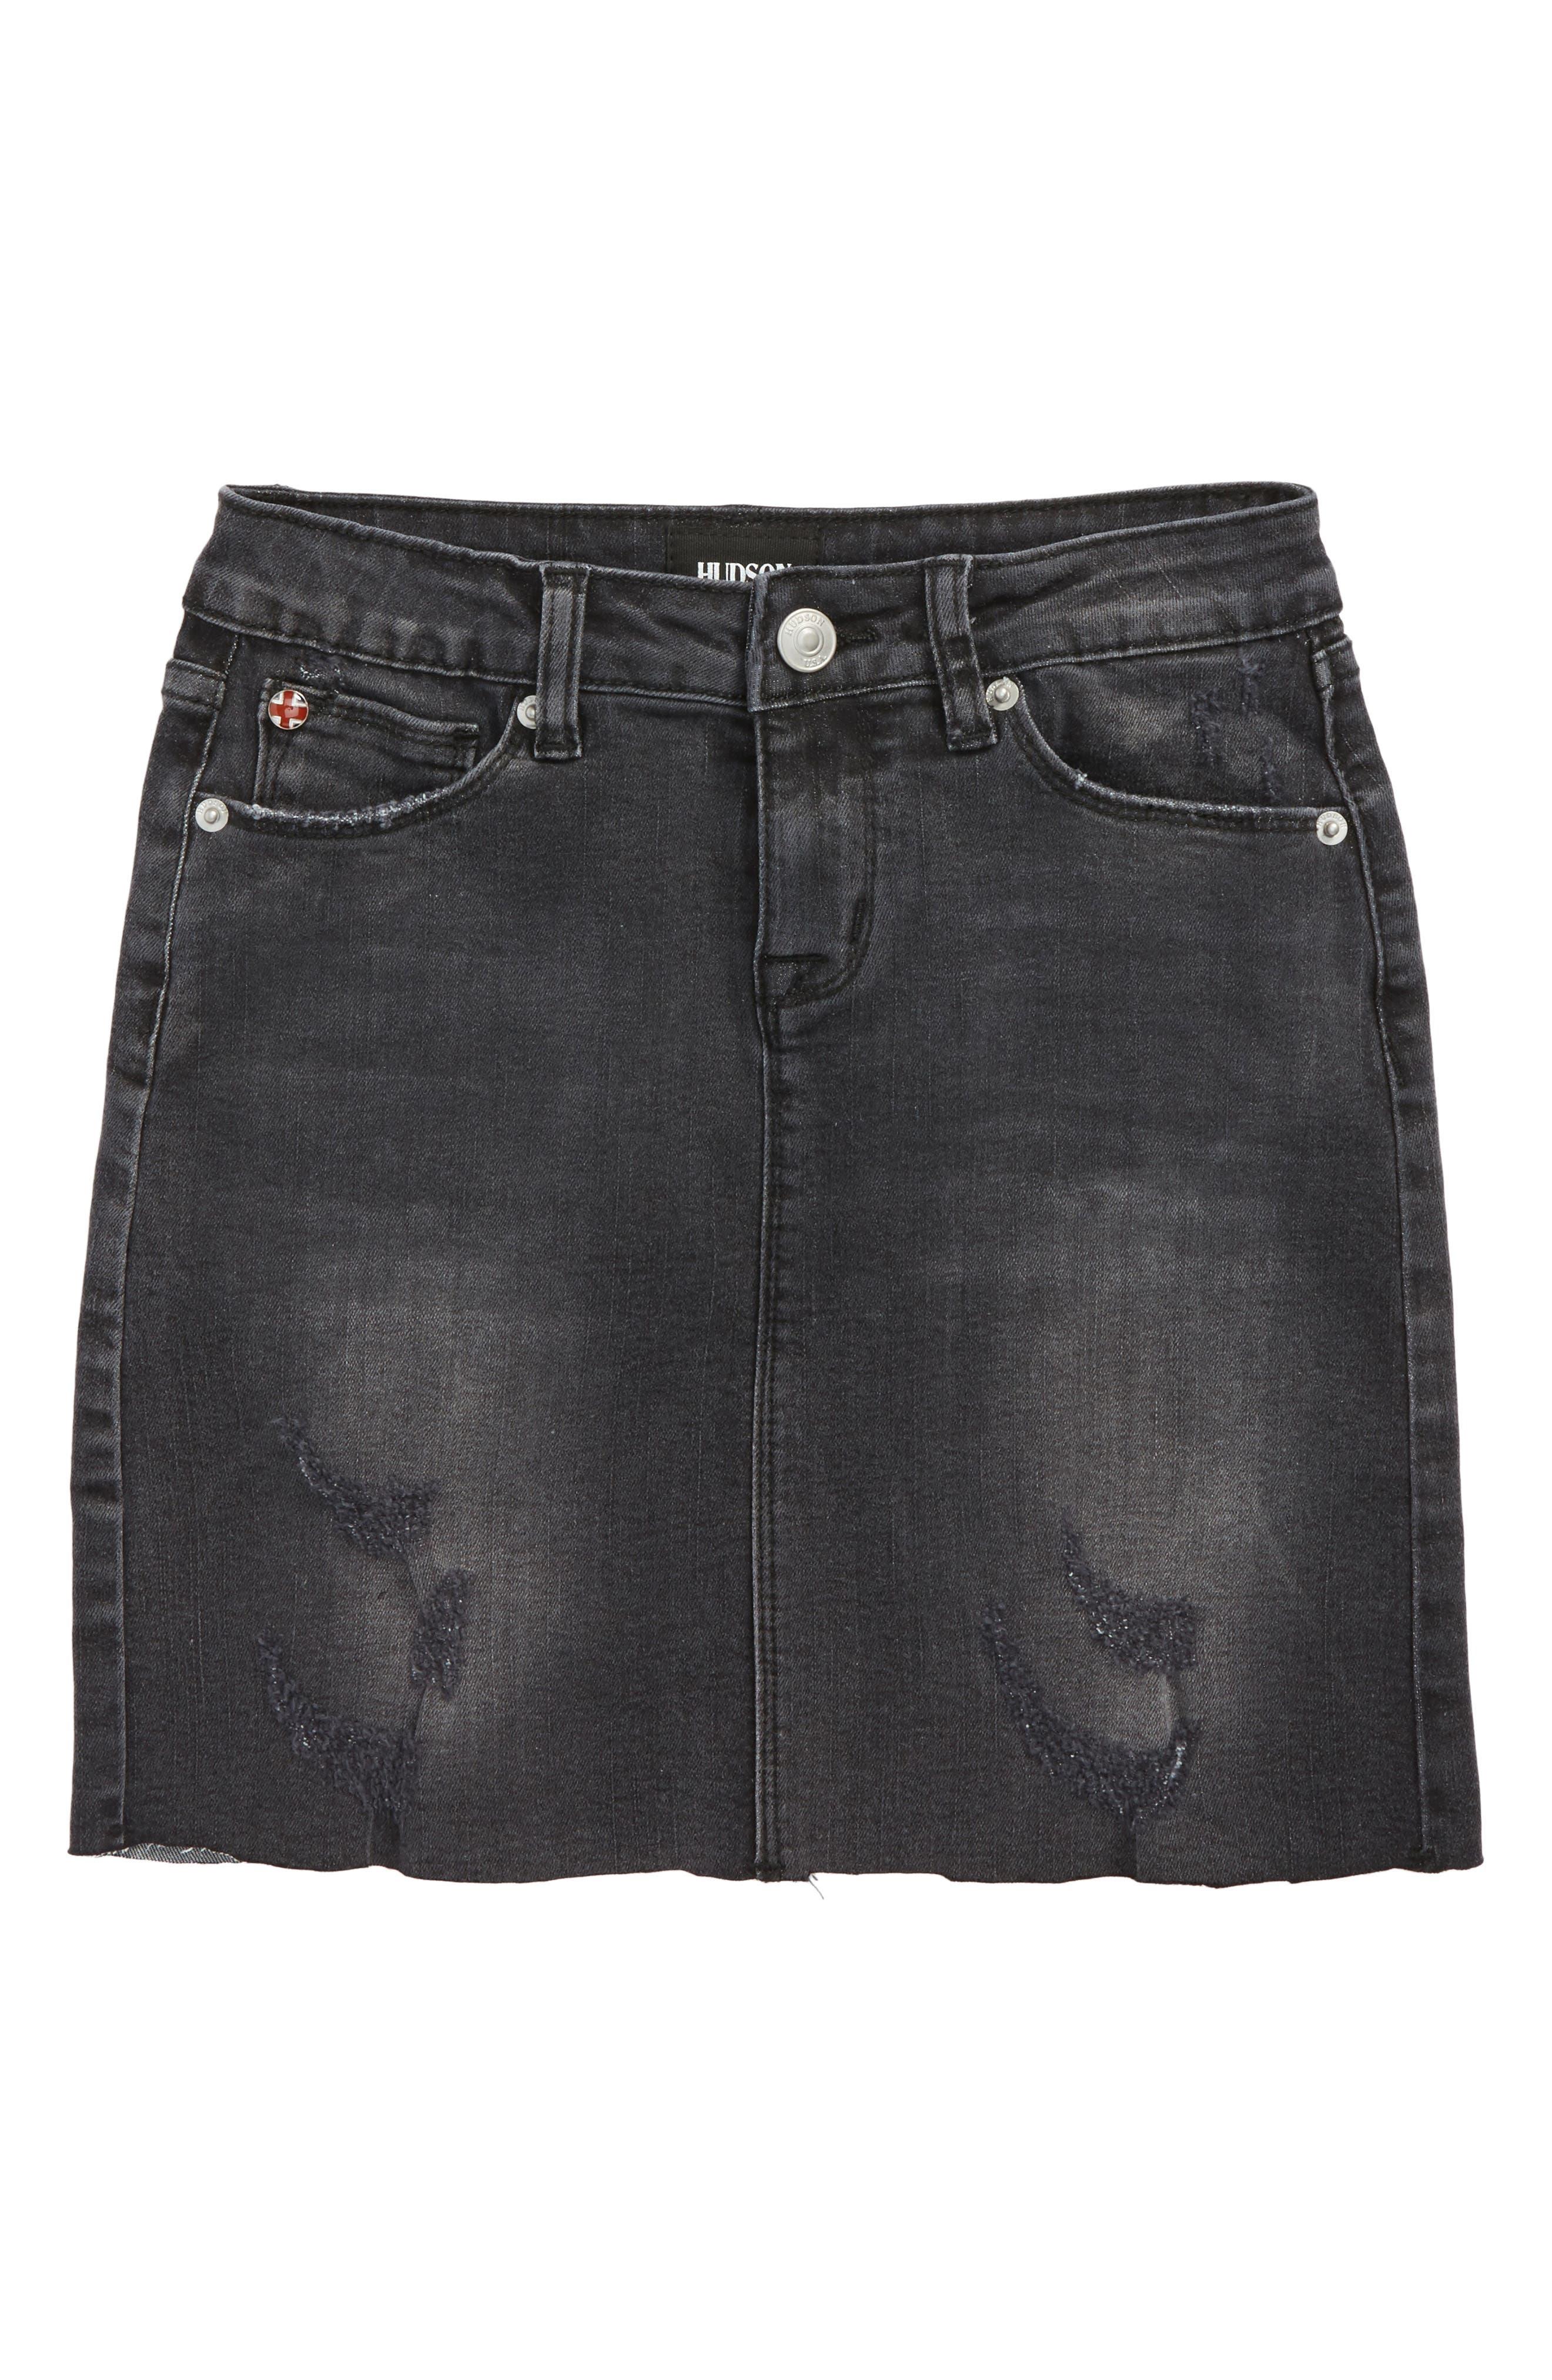 Tara Cutoff Denim Skirt,                             Main thumbnail 1, color,                             Black Wash